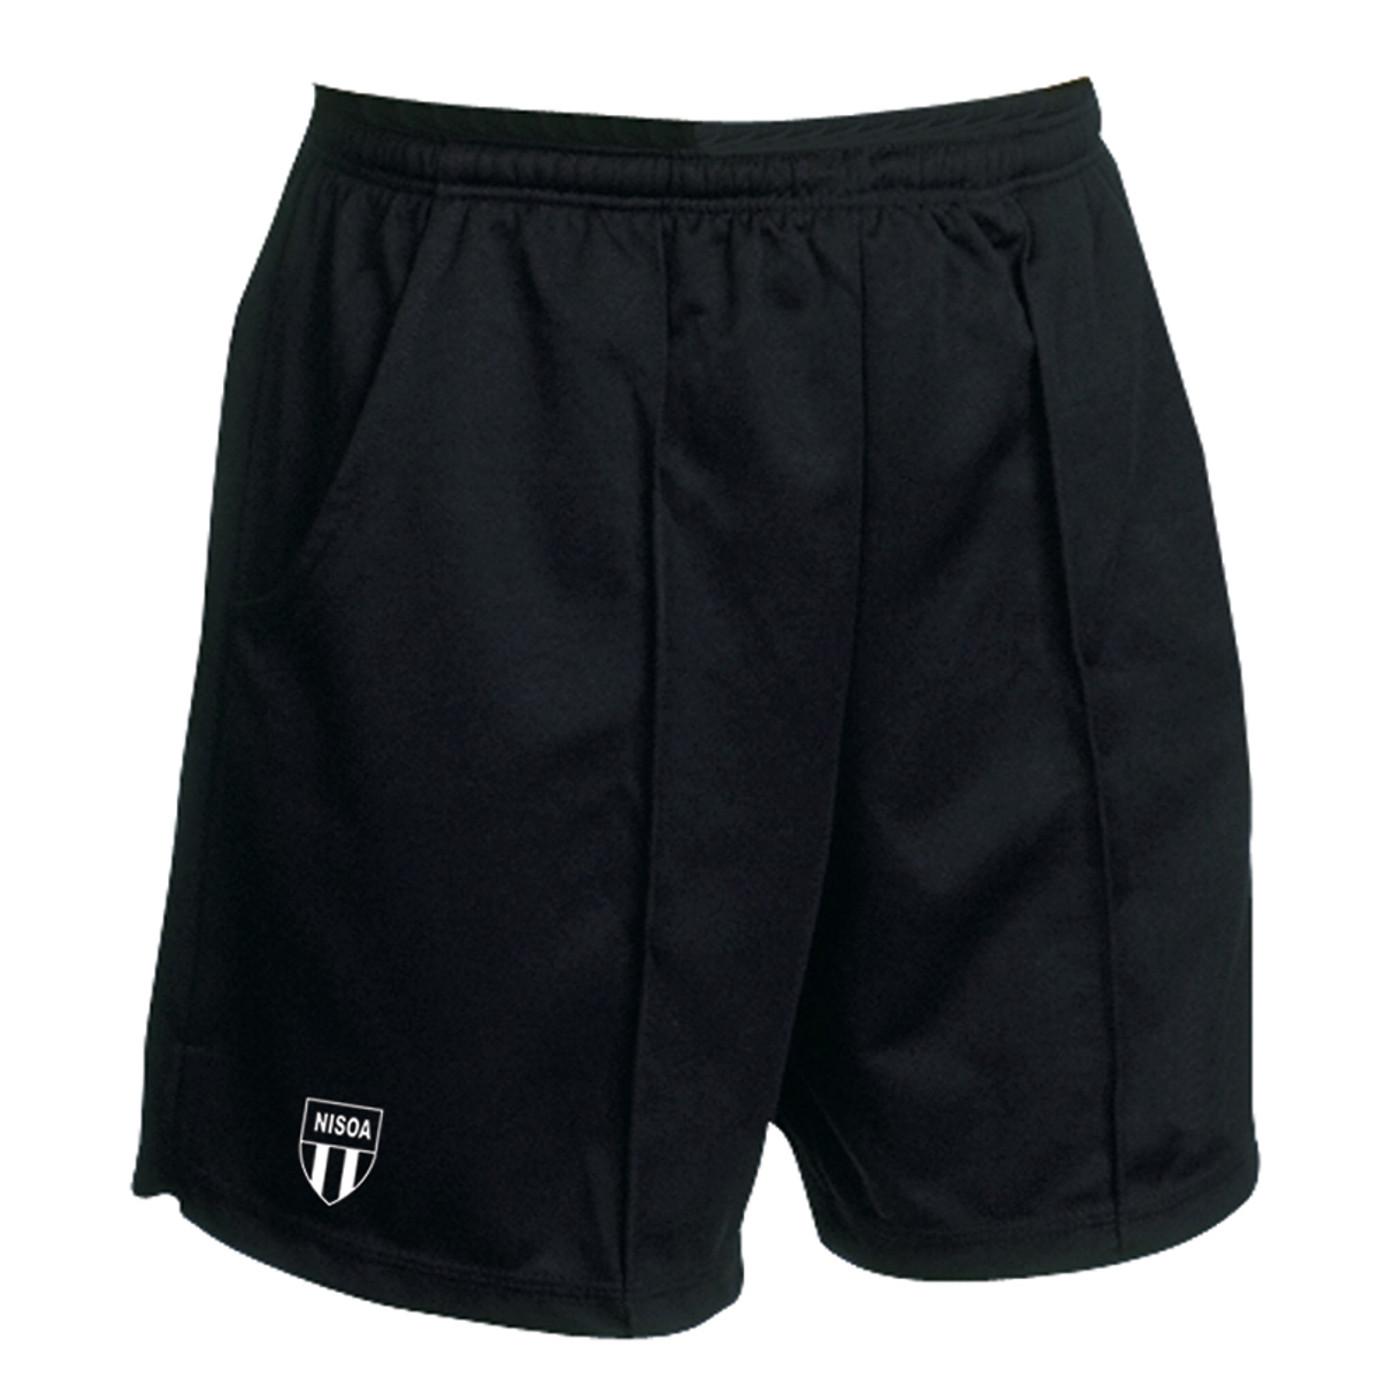 1058N NISOA International Short